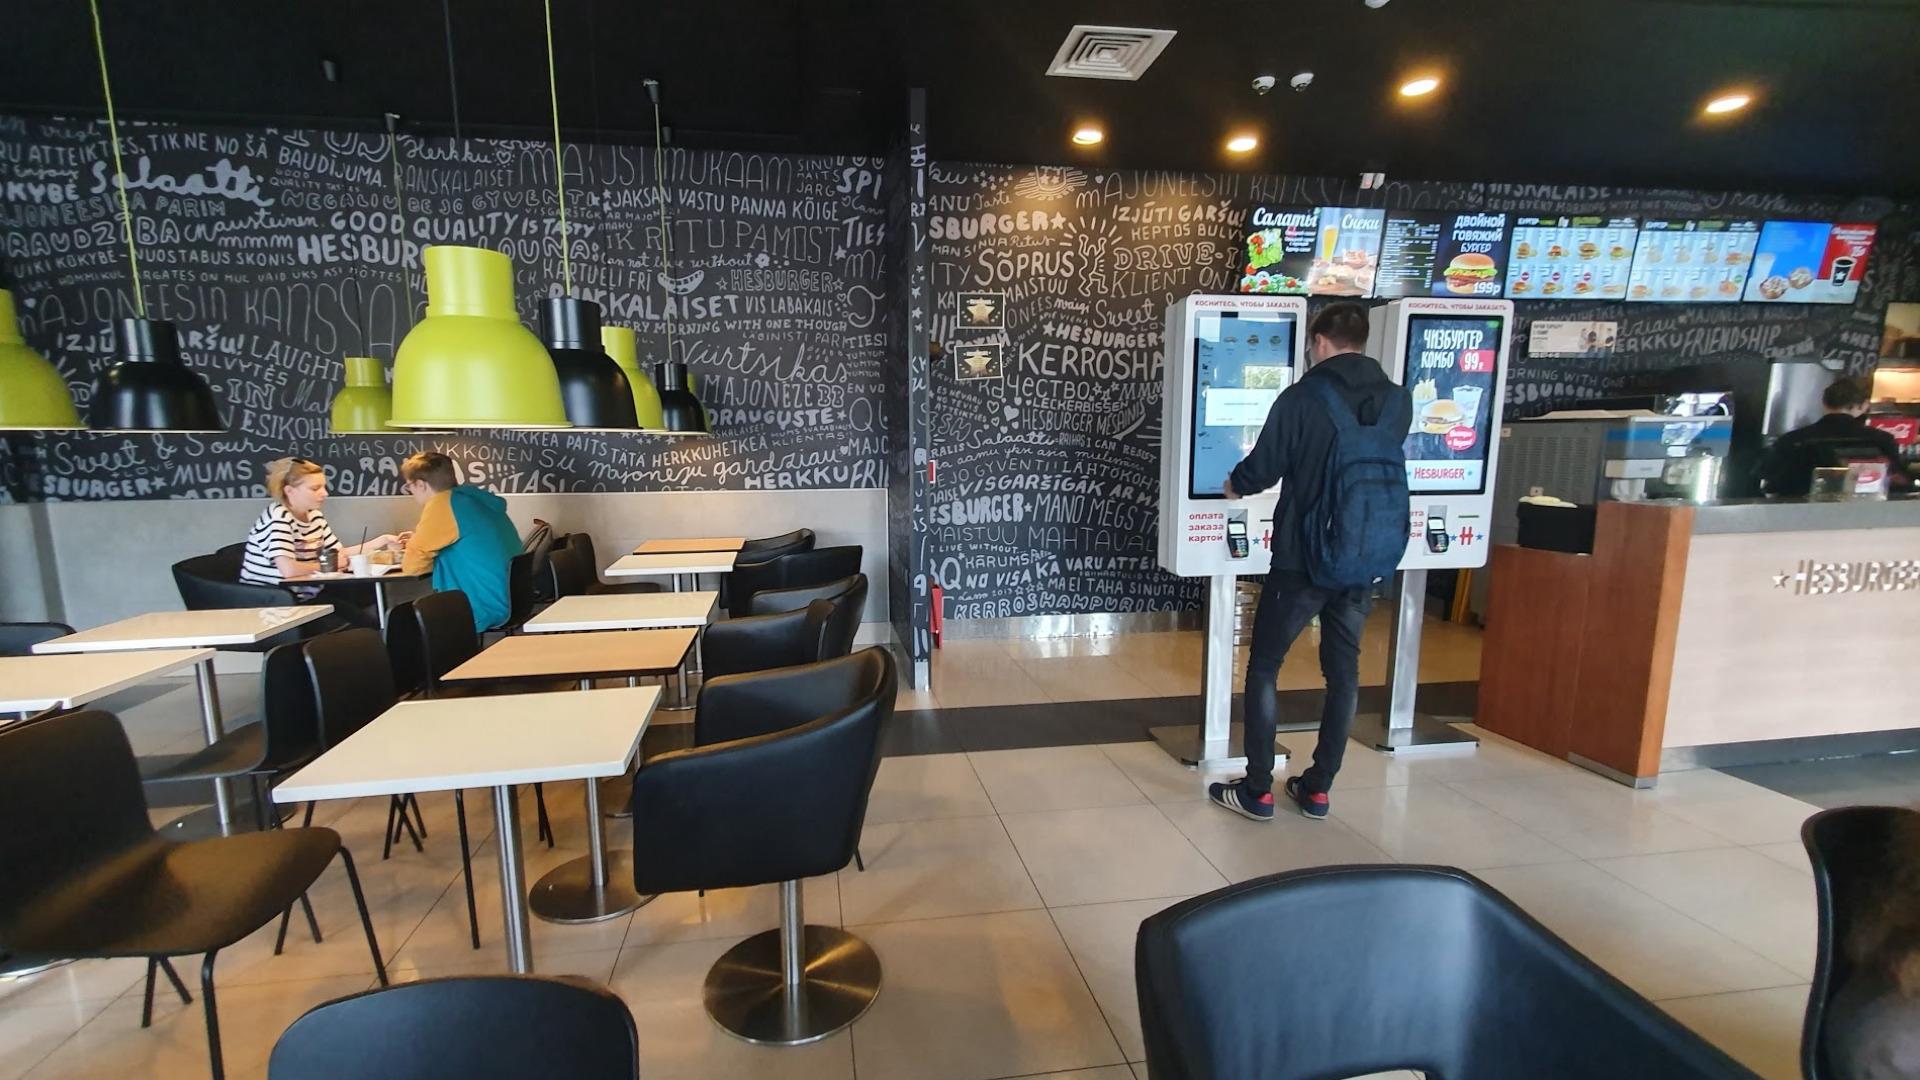 Терминалы самообслуживания для ресторанов Hesburger